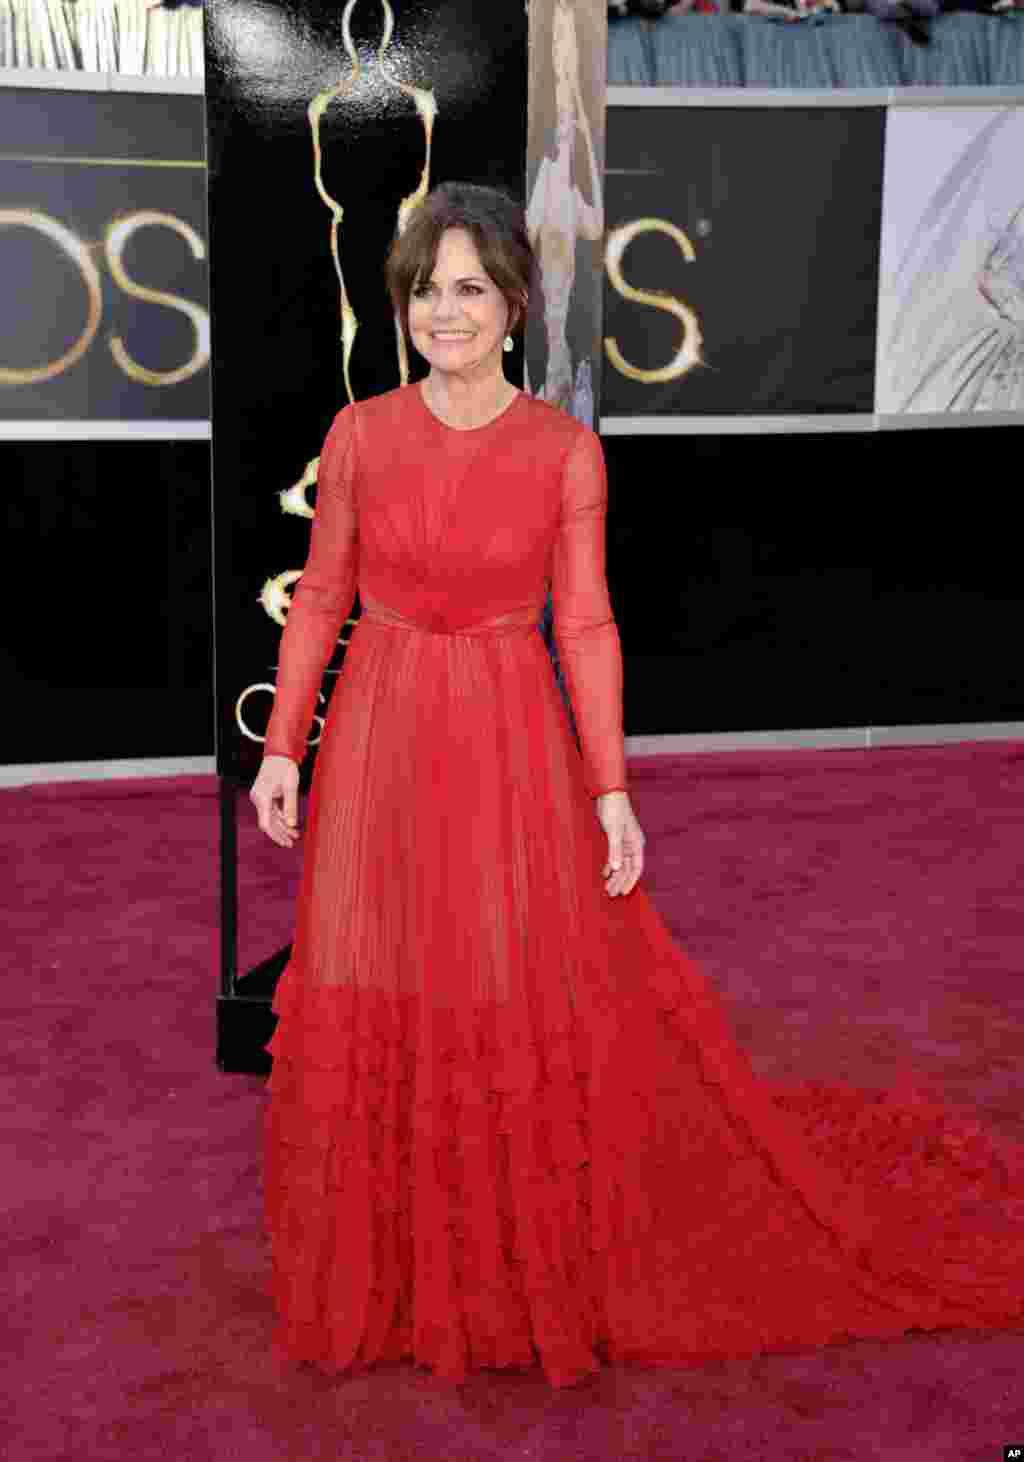 سالی فیلد، نامزد دریافت اسکار بهترین بازی نقش مکمل زن برای ایفای نقش در فیلم لینکلن. خانم فیلد نقش همسر رییس جمهوری پیشین آمریکا (ابراهام لینکلن) را بازی کرد.